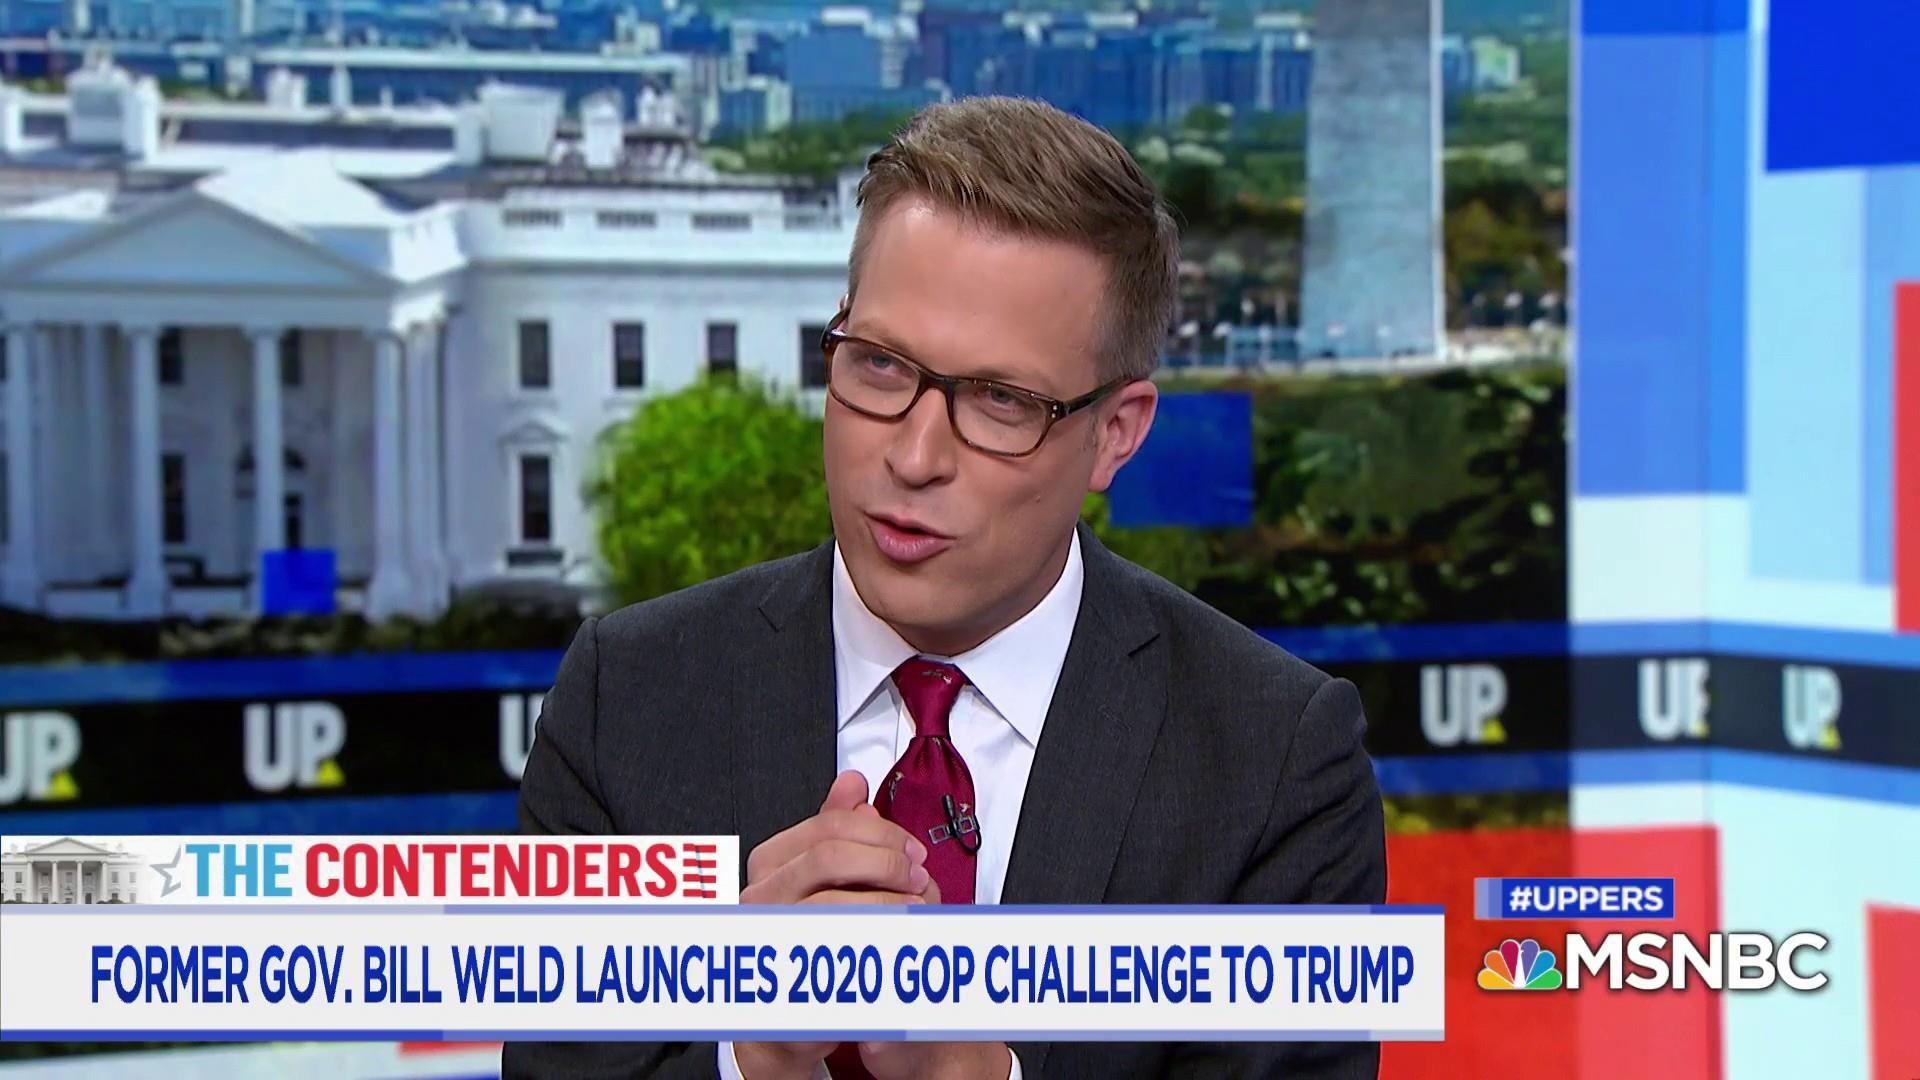 Bill Weld: Trump's GOP challenger